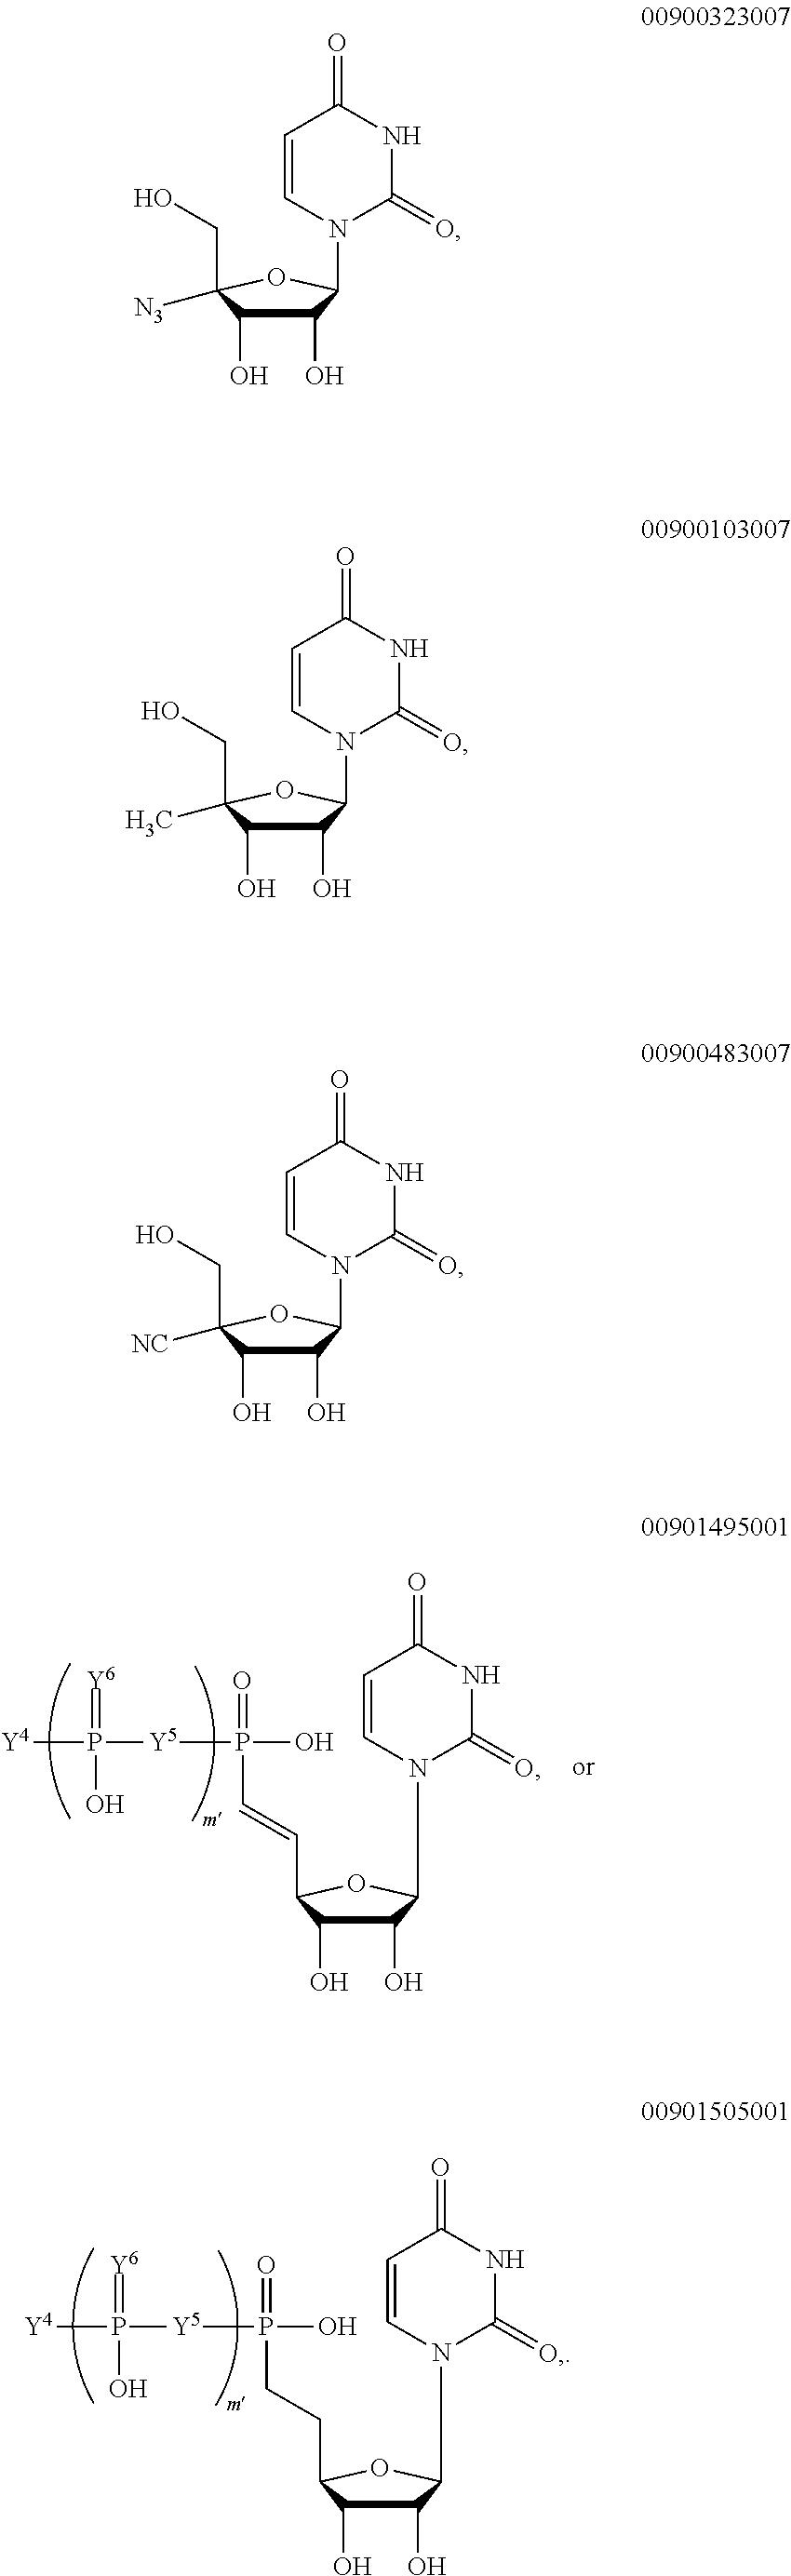 Figure US20160237108A1-20160818-C00010